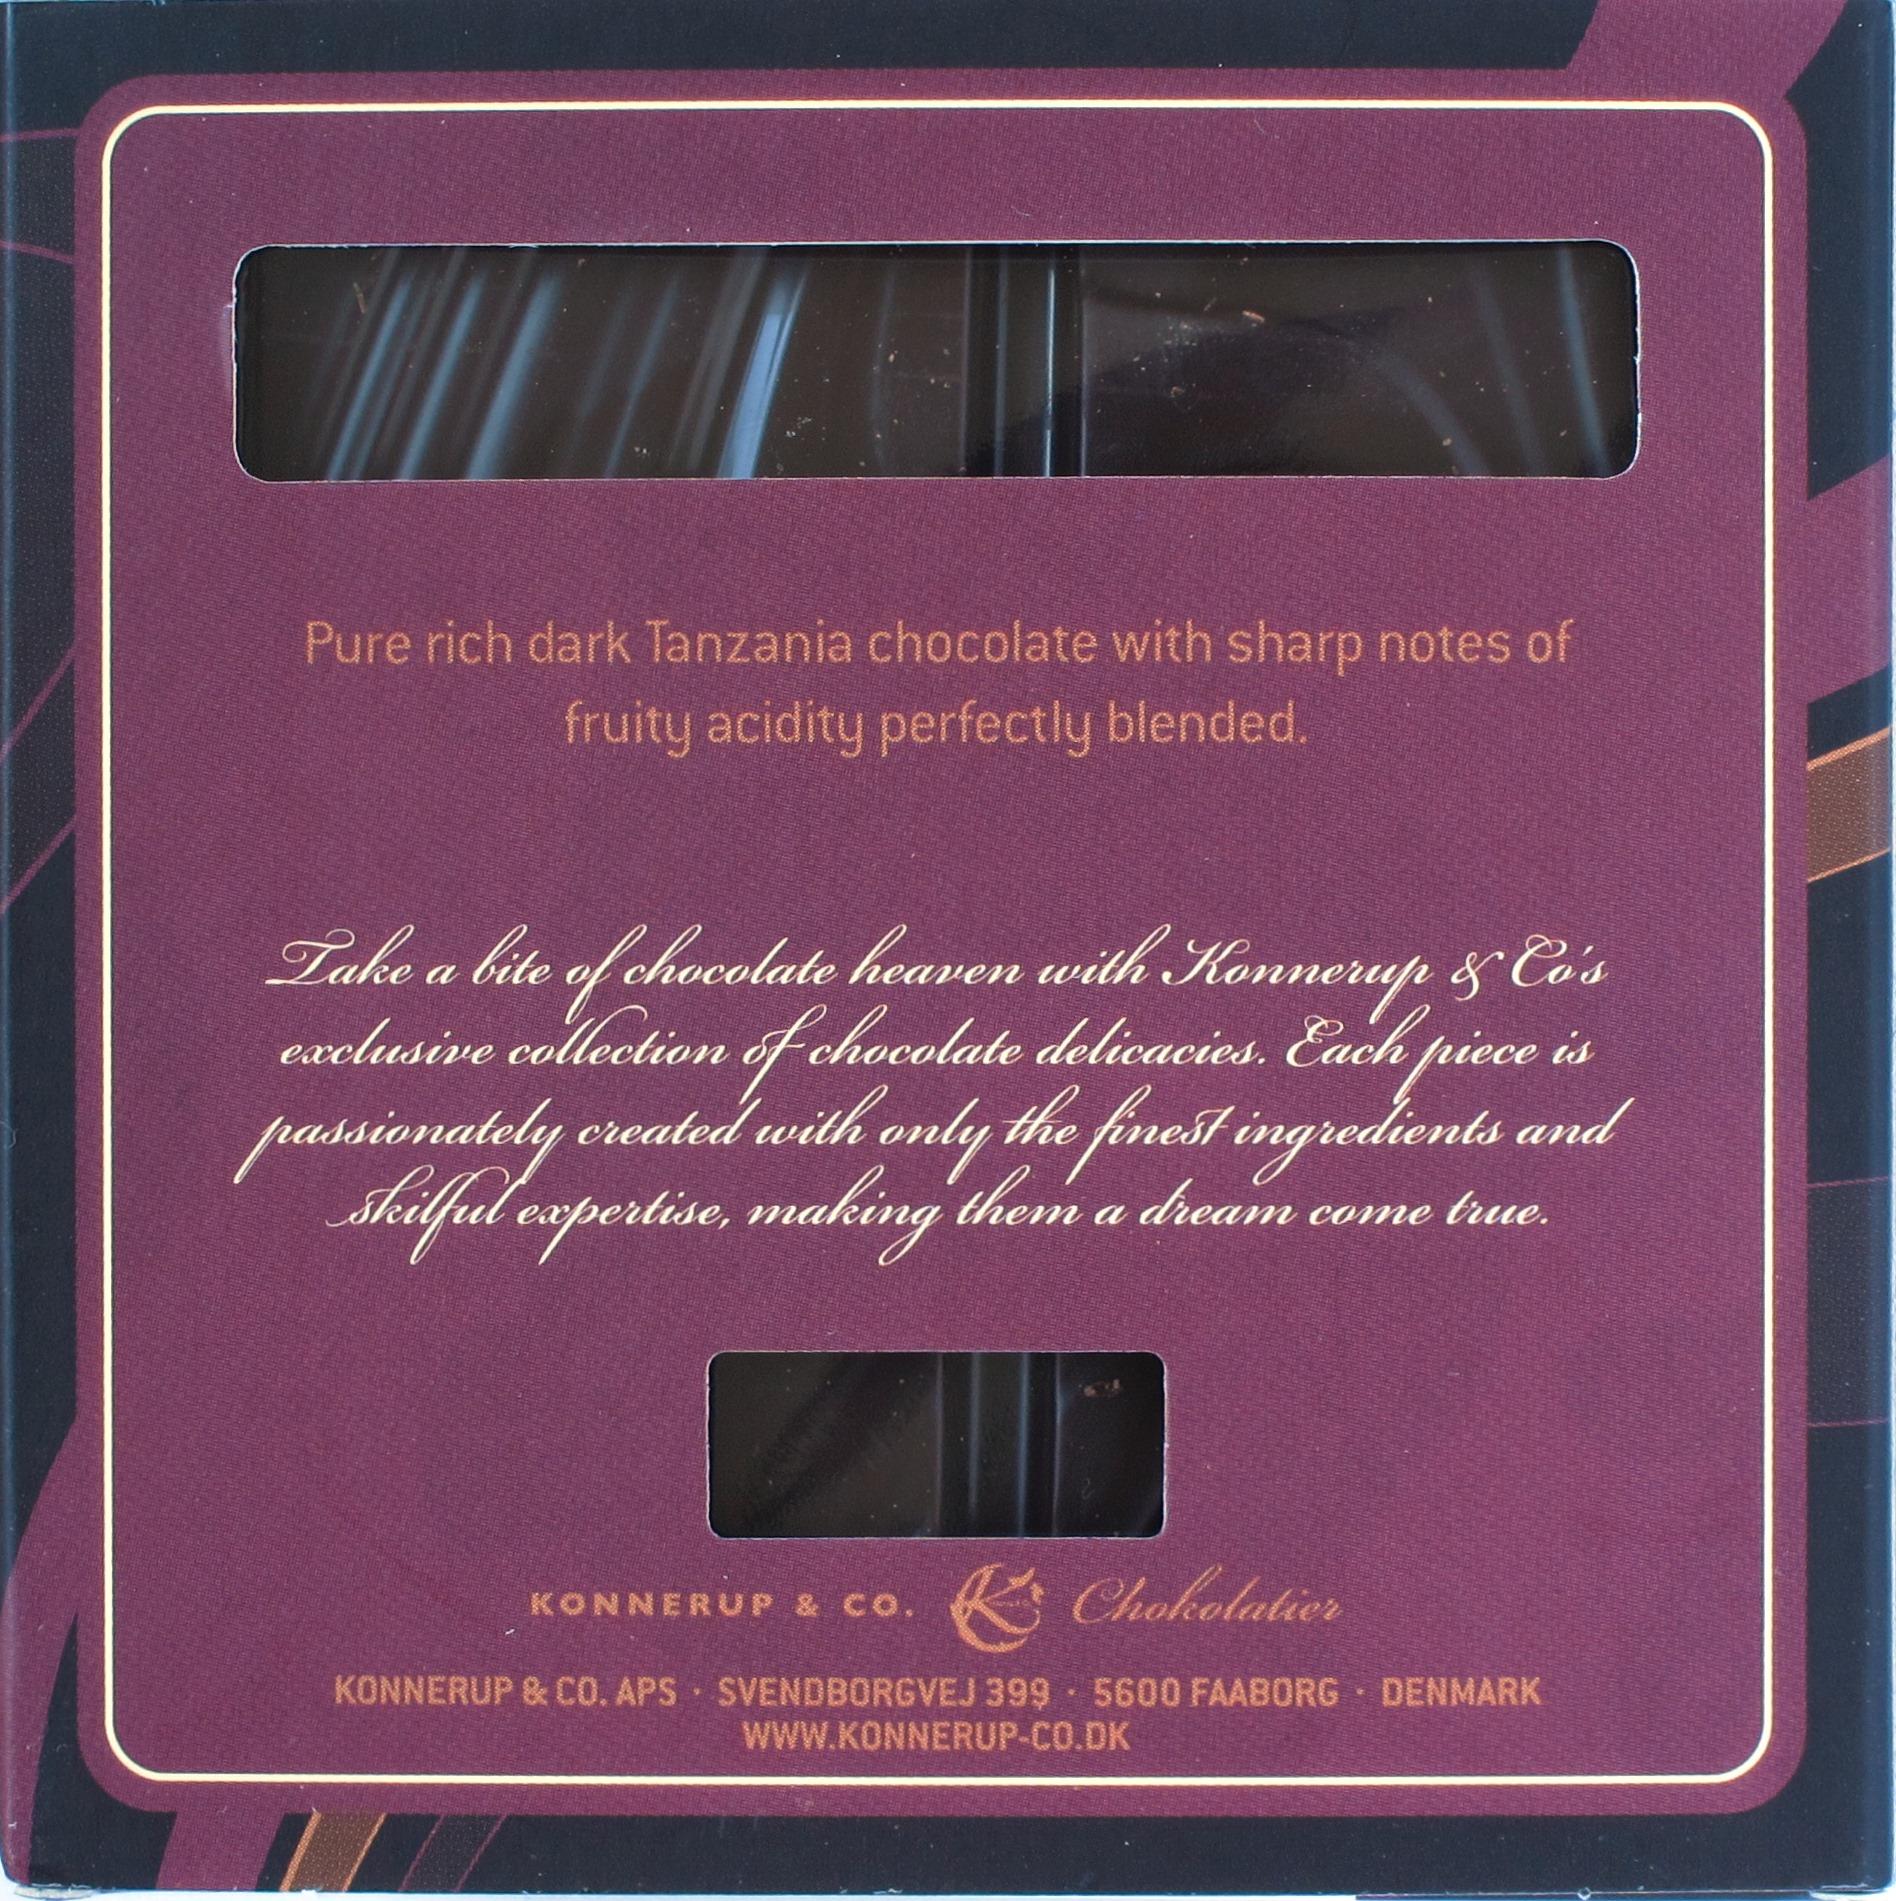 Konnerup 75% Tansania-Schokolade, hinten